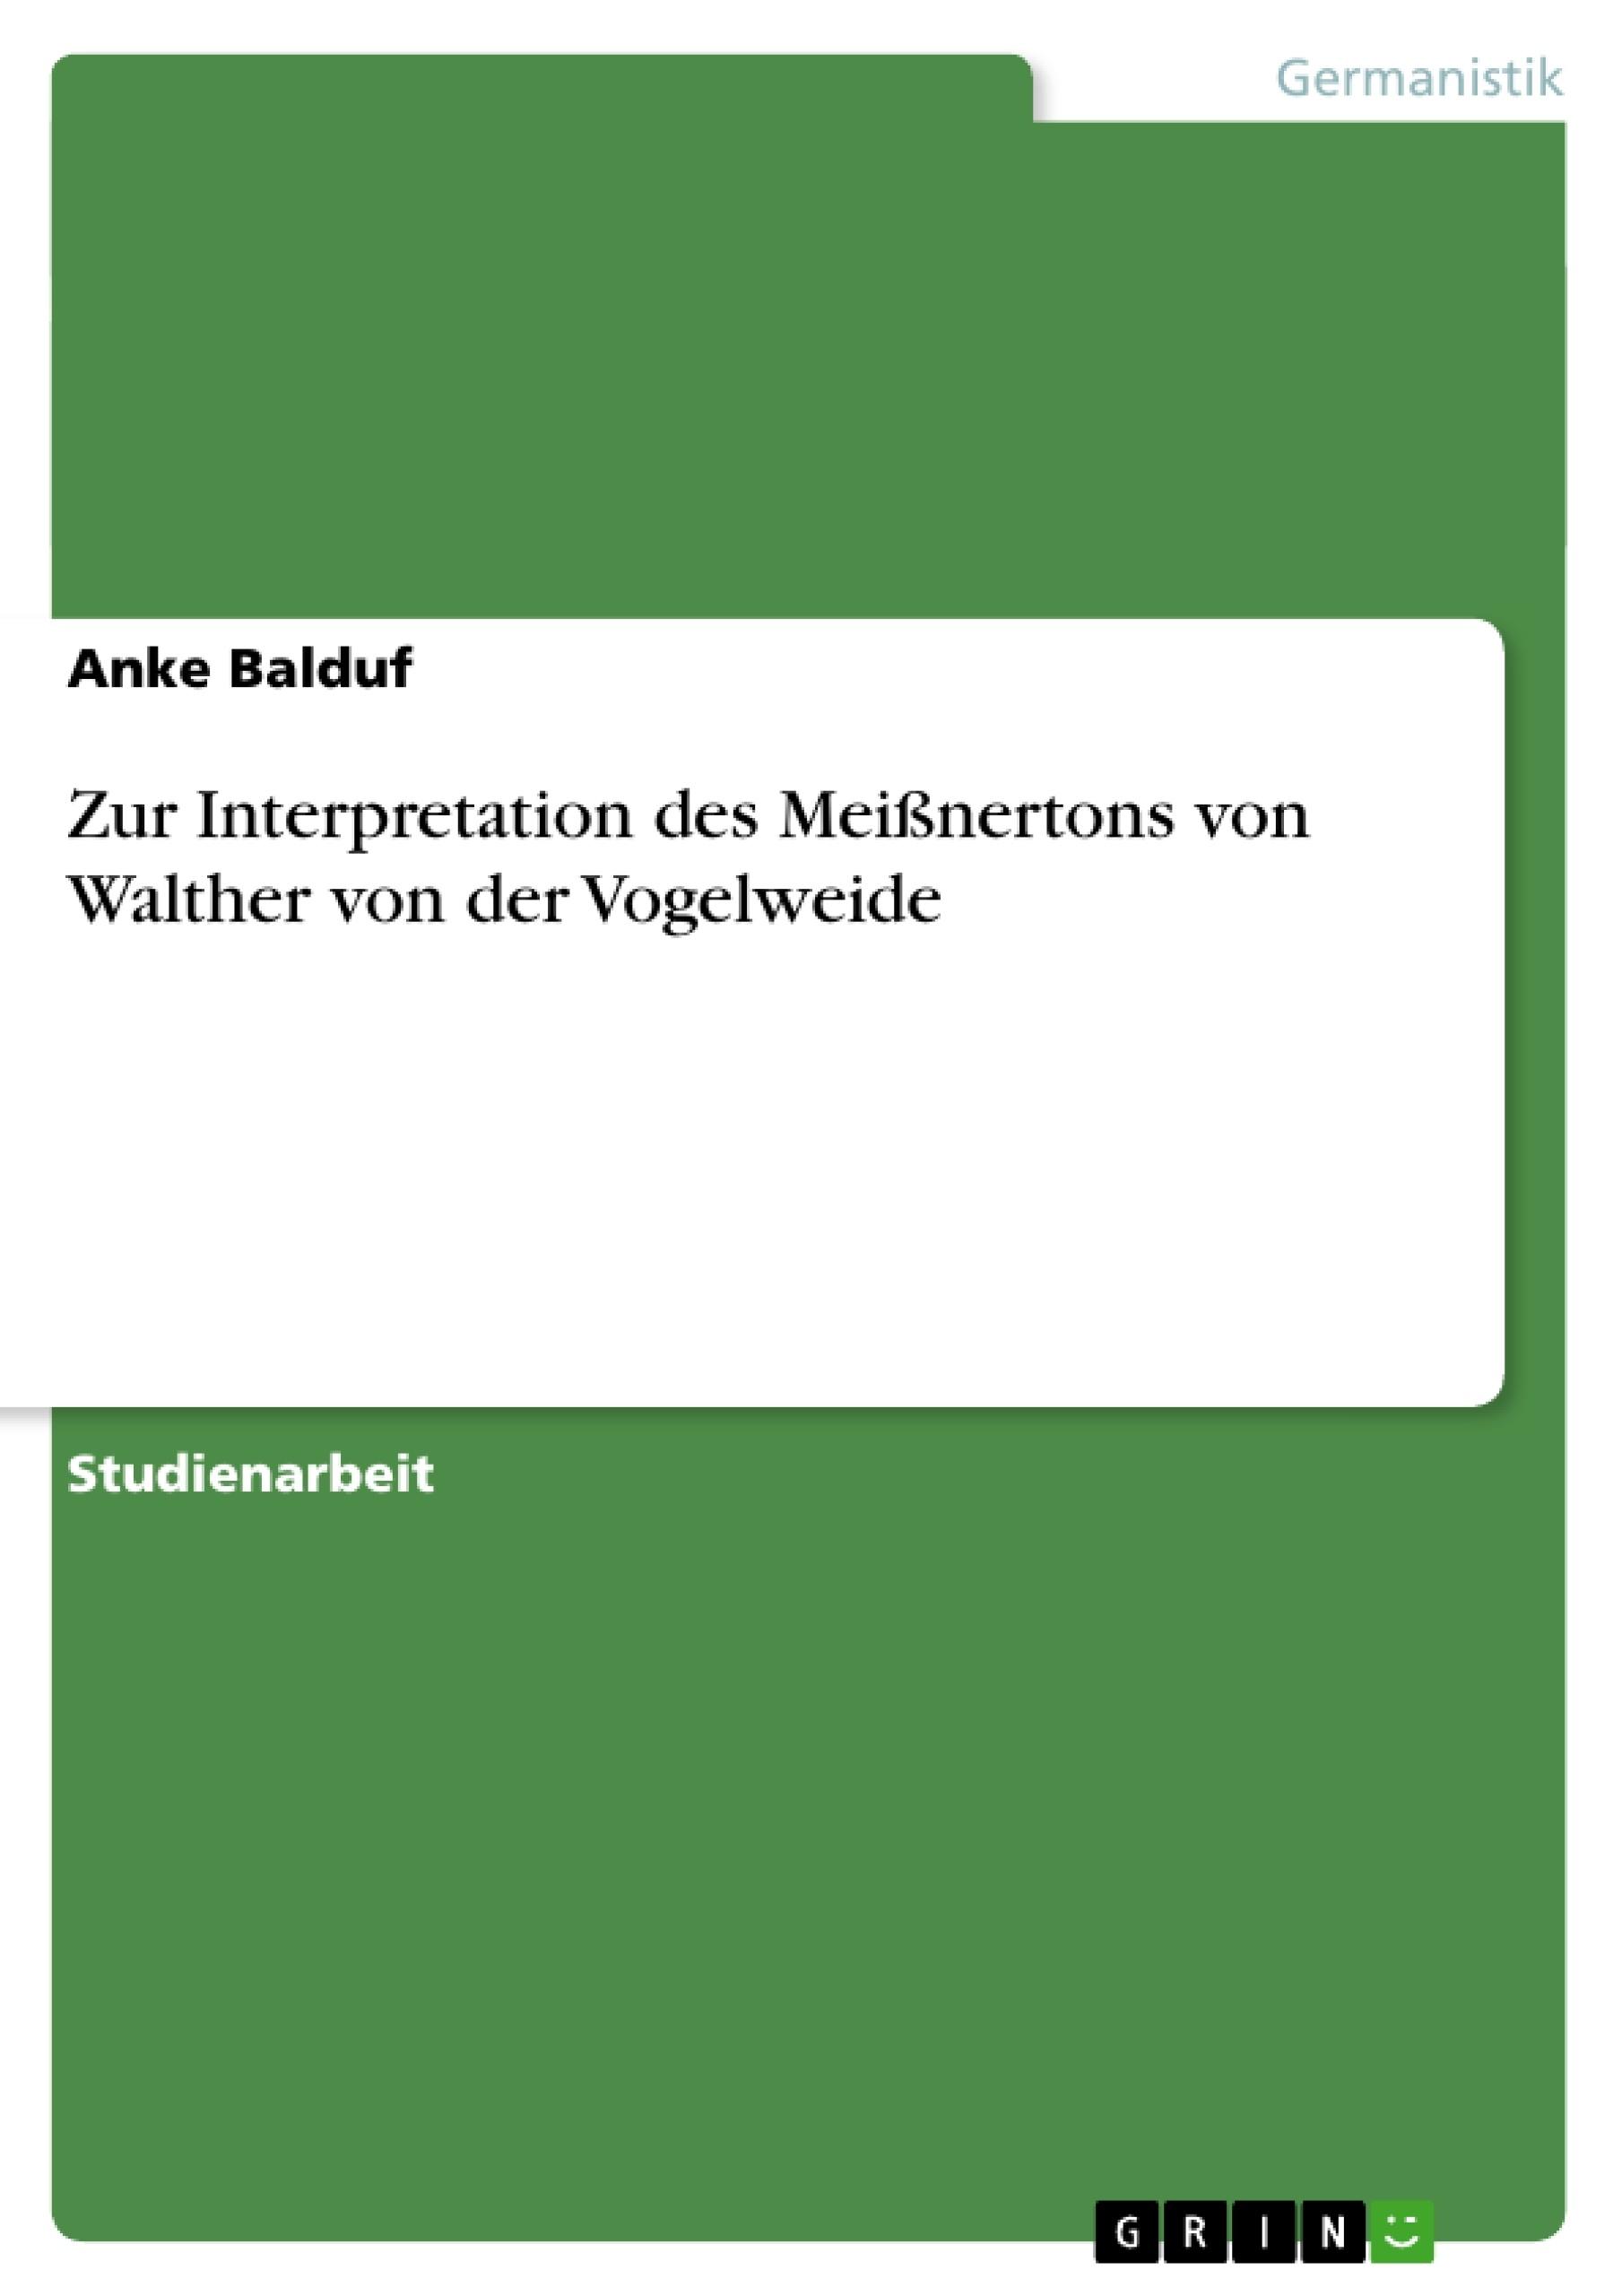 Titel: Zur Interpretation des Meißnertons von Walther von der Vogelweide